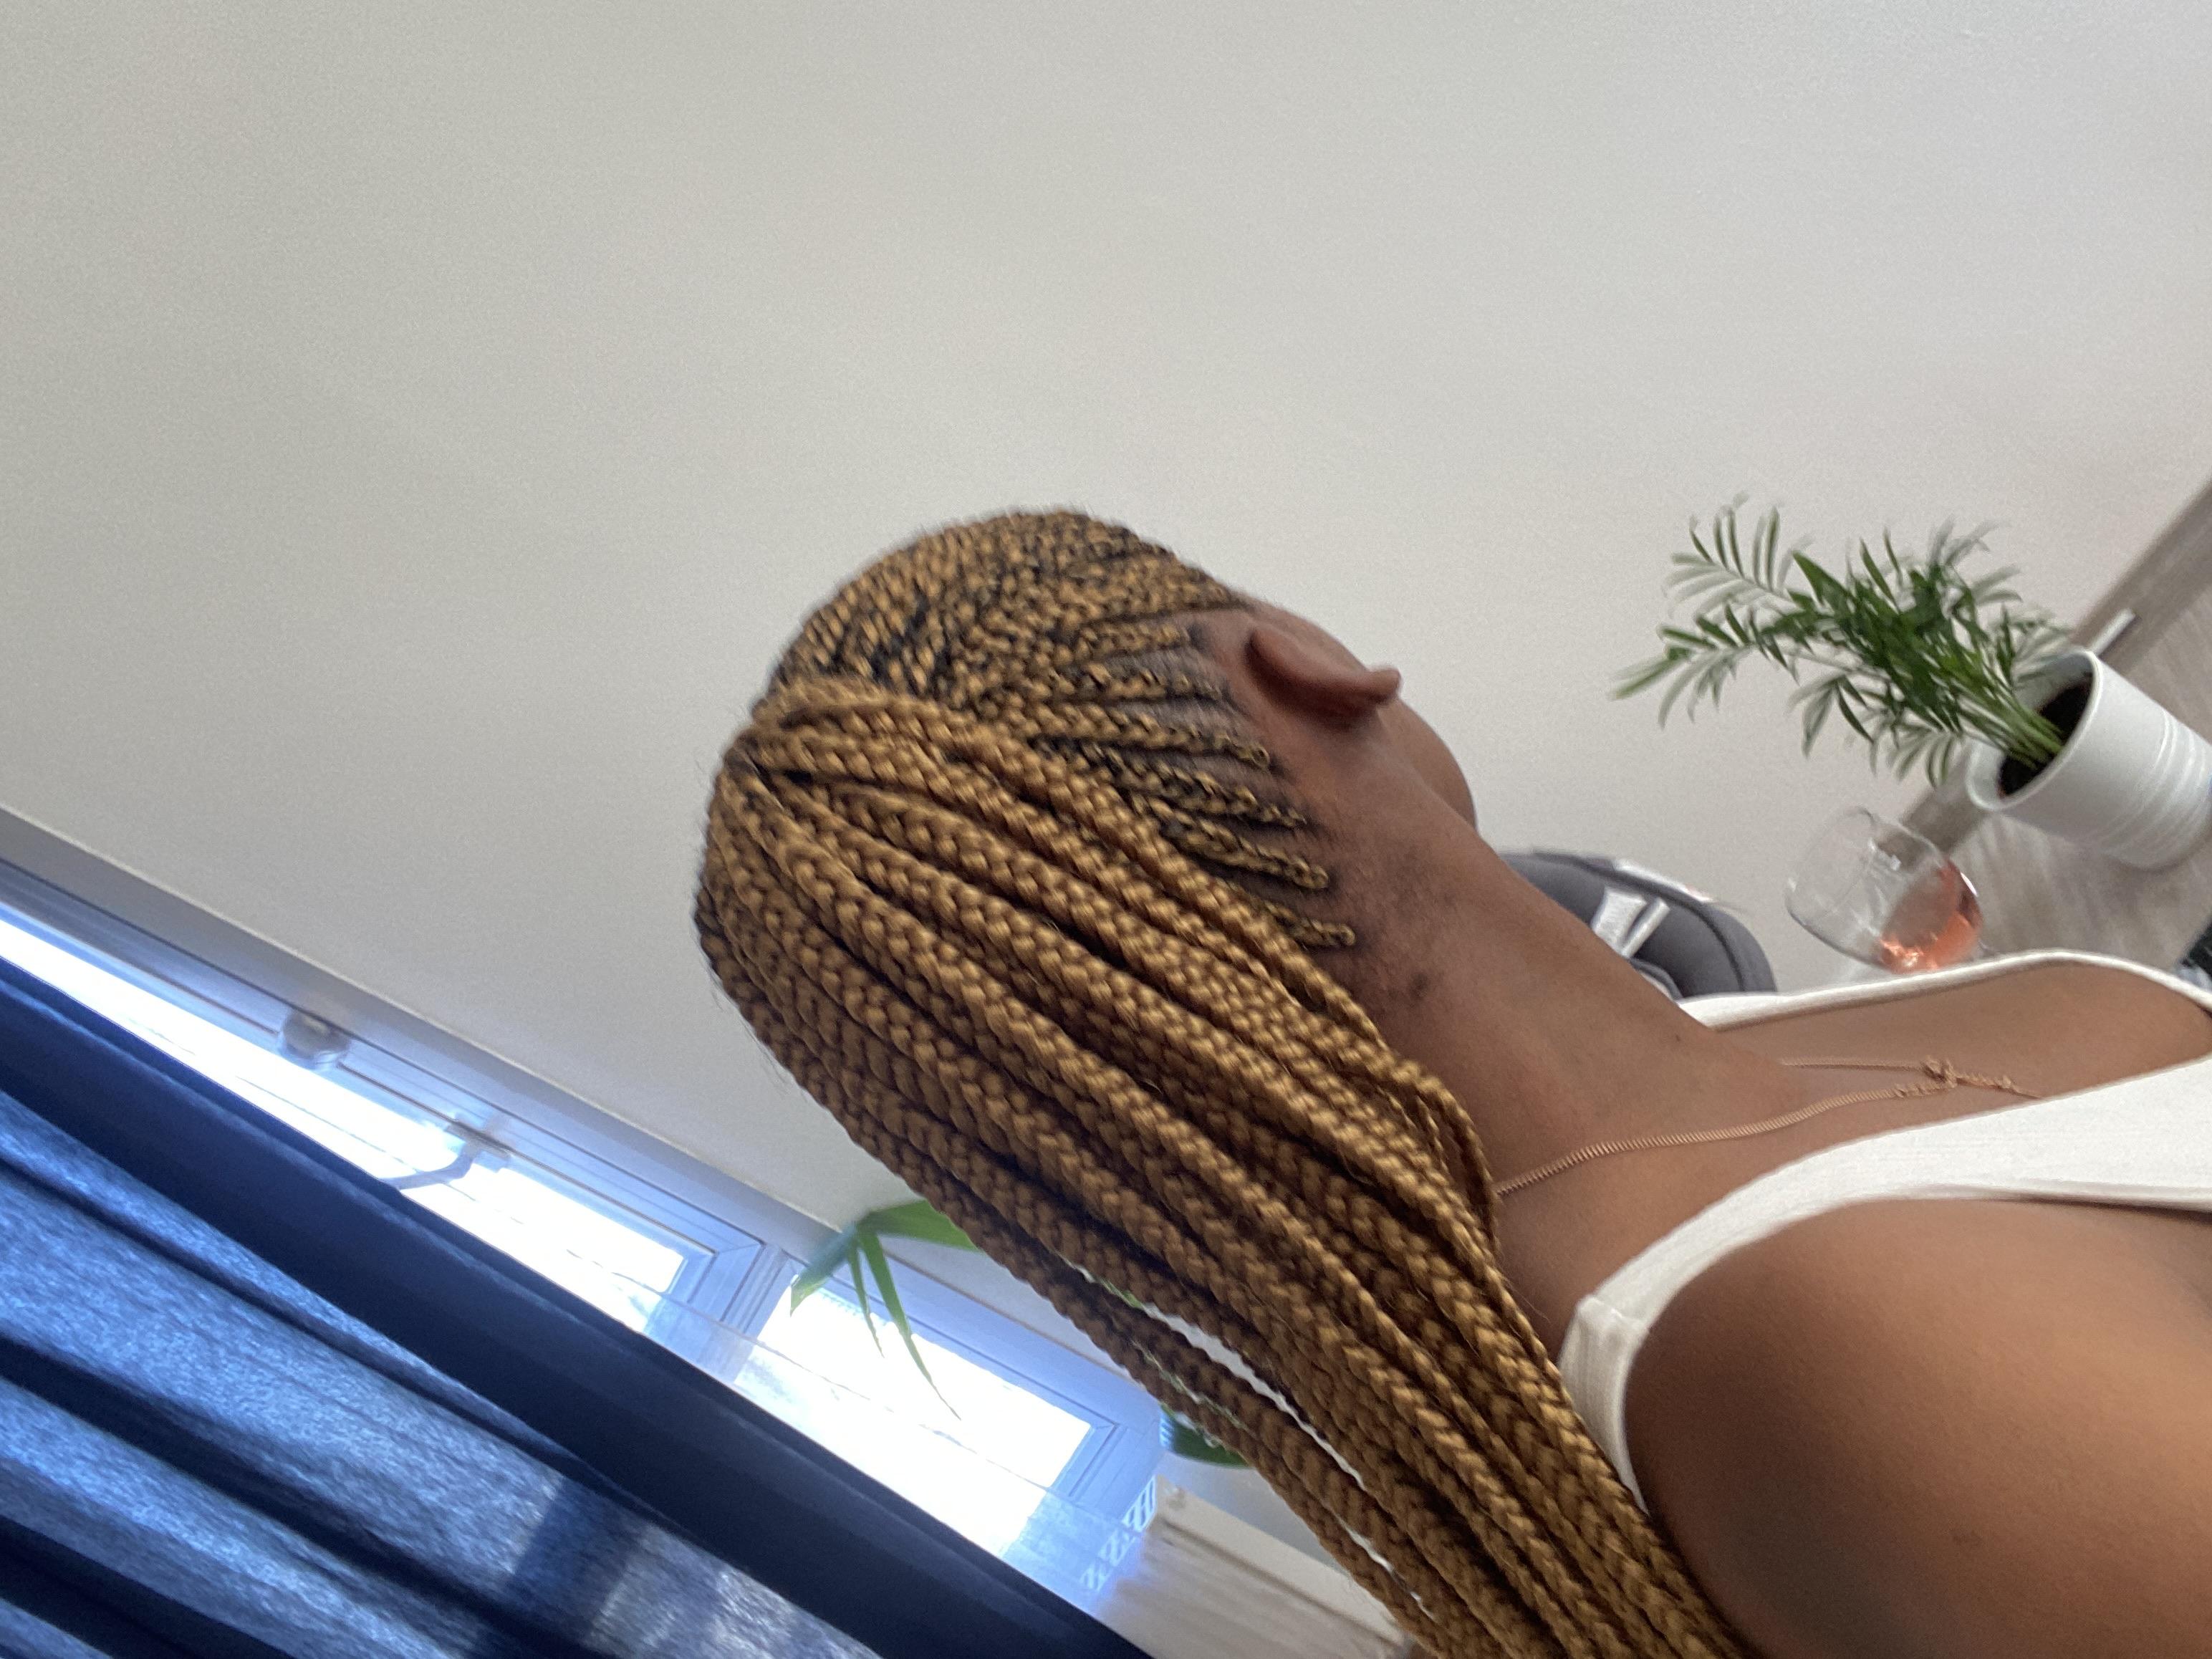 salon de coiffure afro tresse tresses box braids crochet braids vanilles tissages paris 75 77 78 91 92 93 94 95 QWMJCBKY